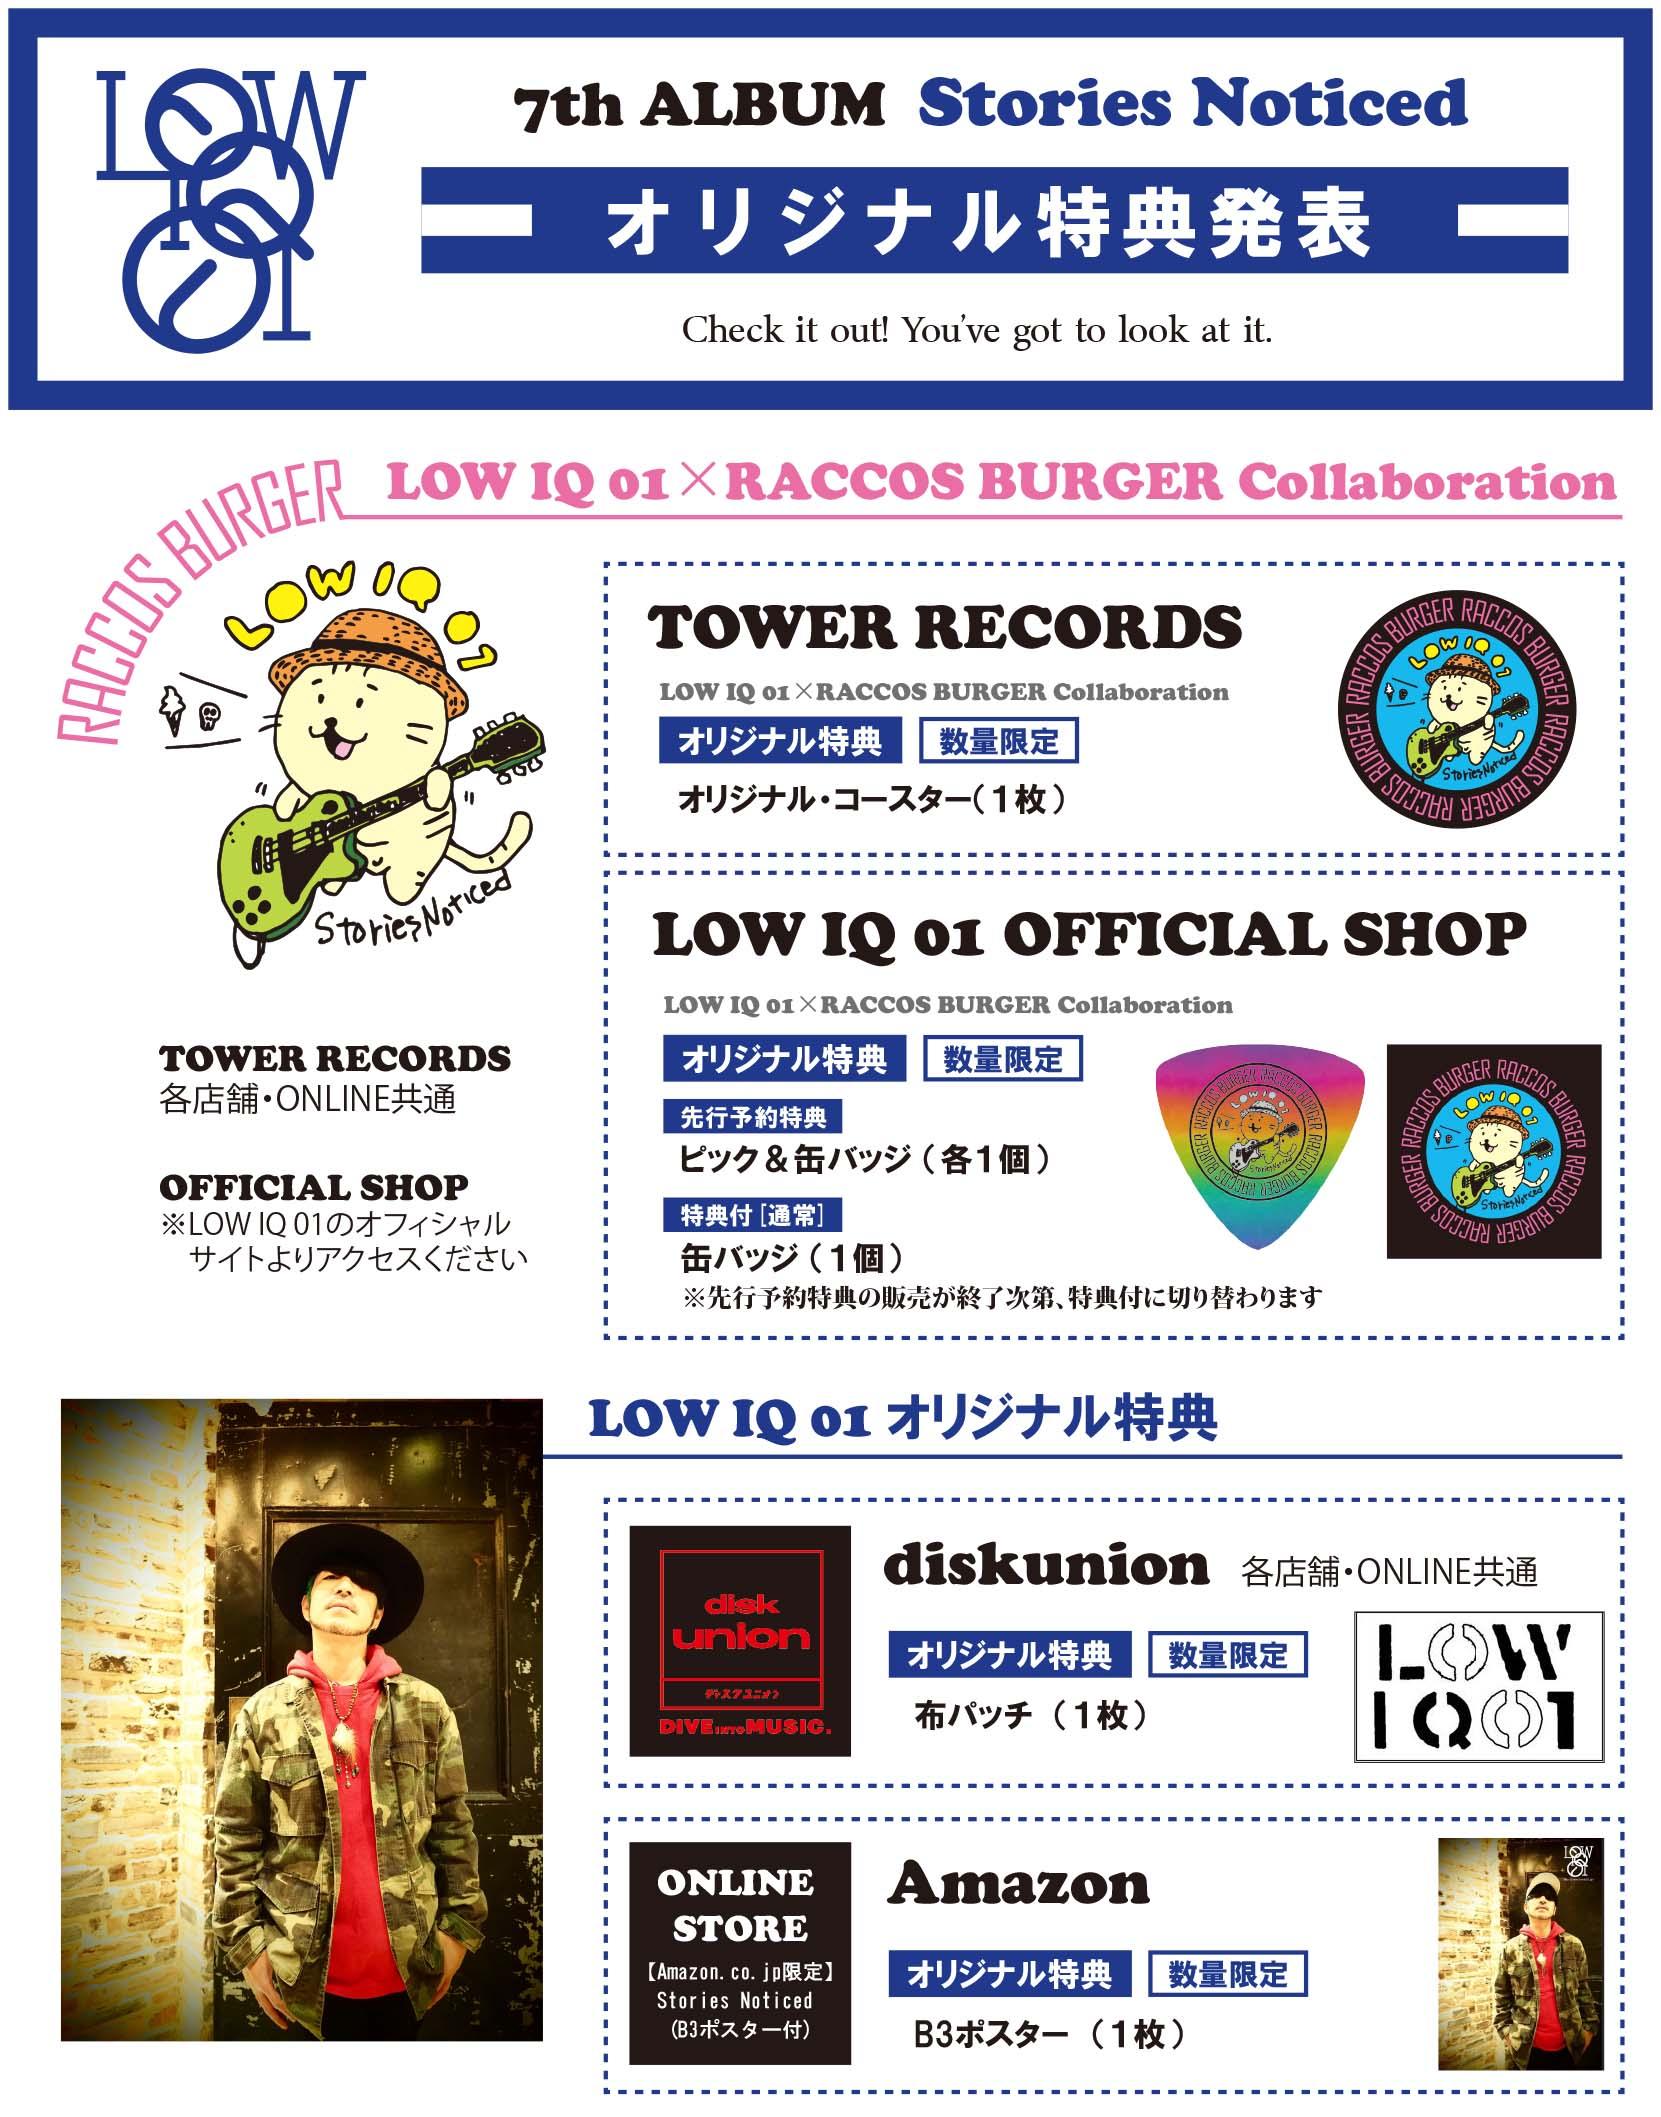 Album Low Iq 01 Master Low Rar - vismaicatac : Inspired by LnwShop com